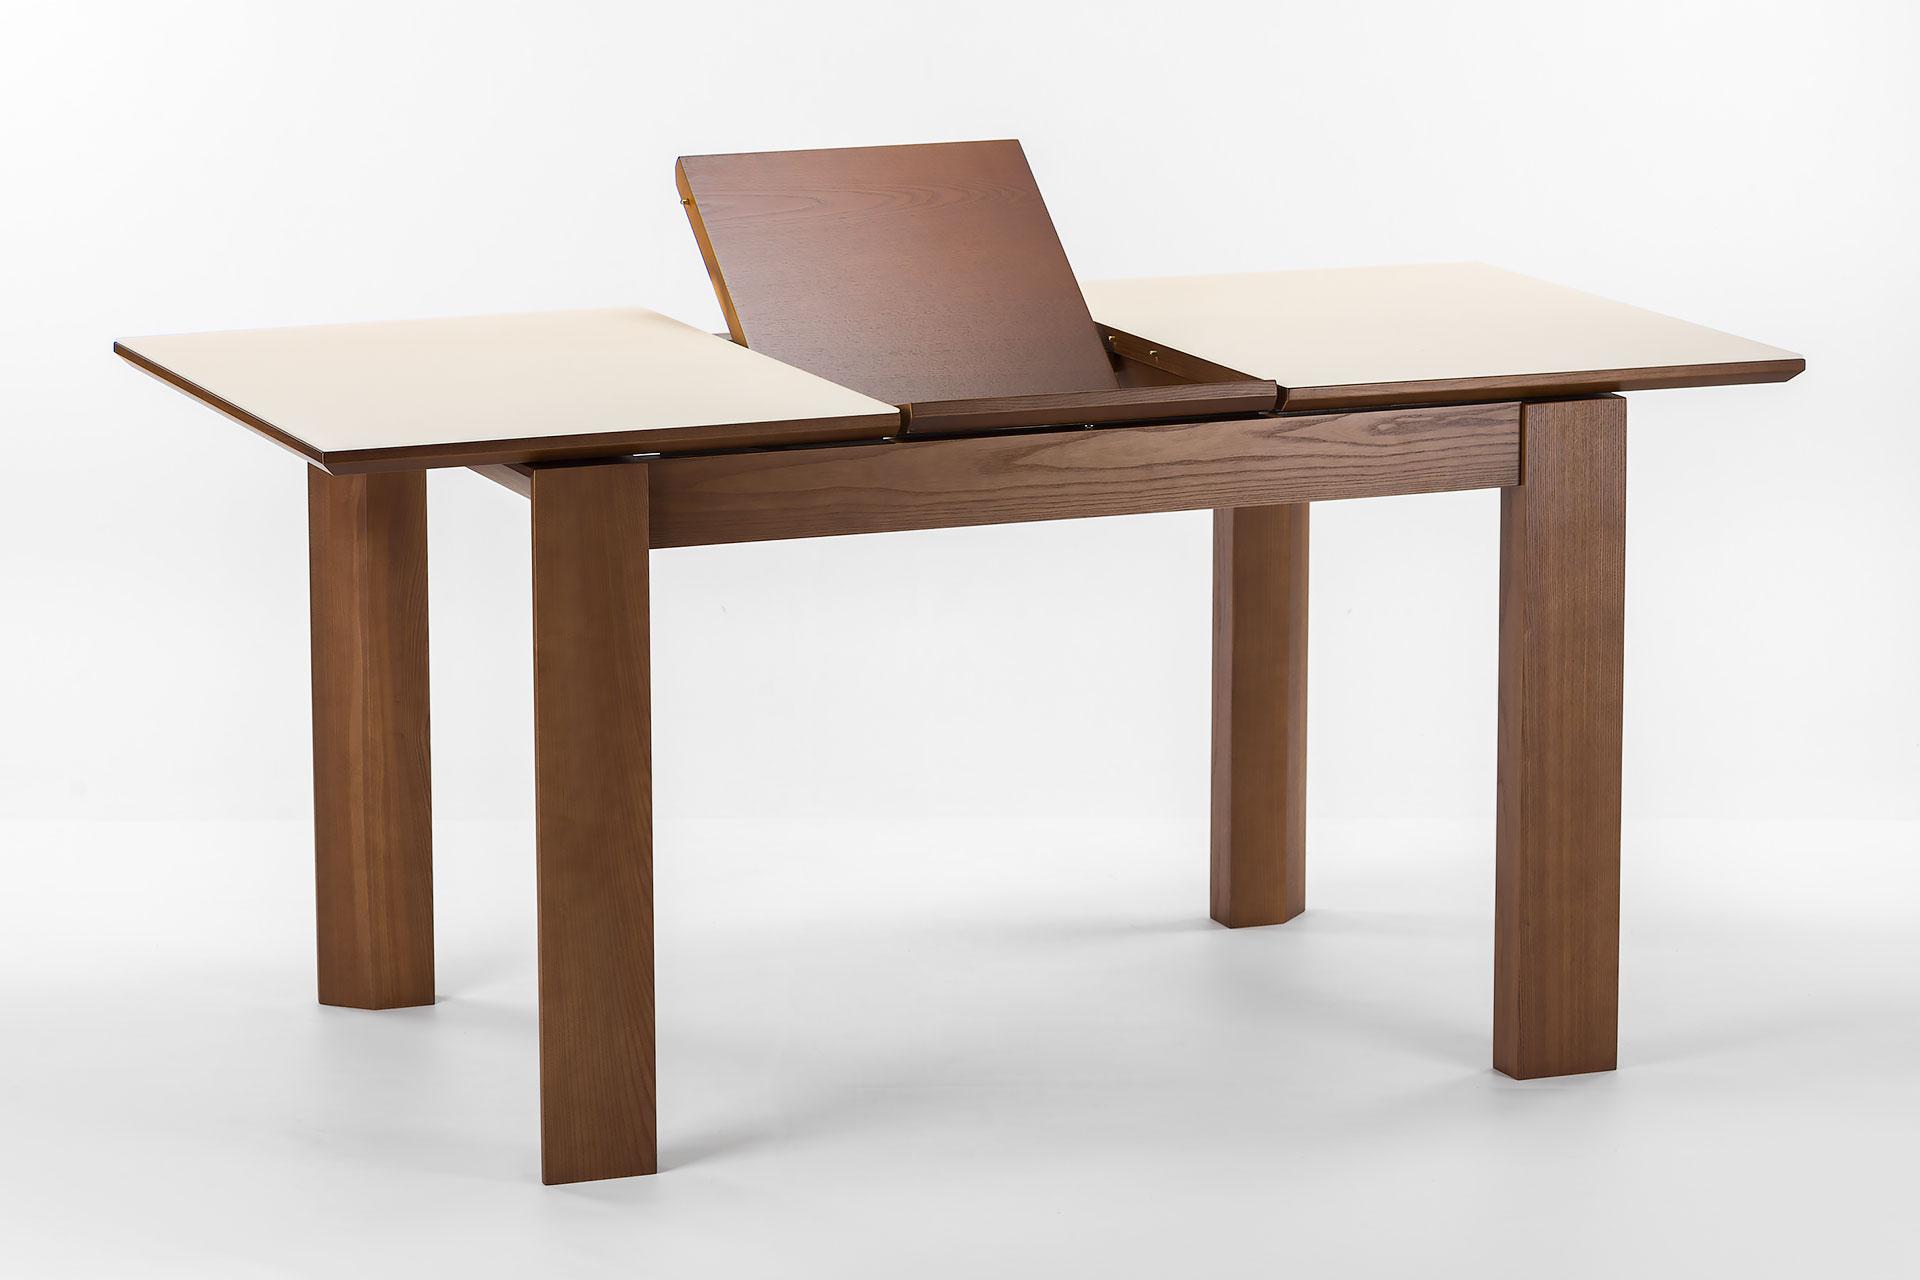 """Раскладной кухонный стол """"Милан-люкс"""", цвет SE7031, раскладная столешница с матовым стеклом, тонирована вставка столешницы"""